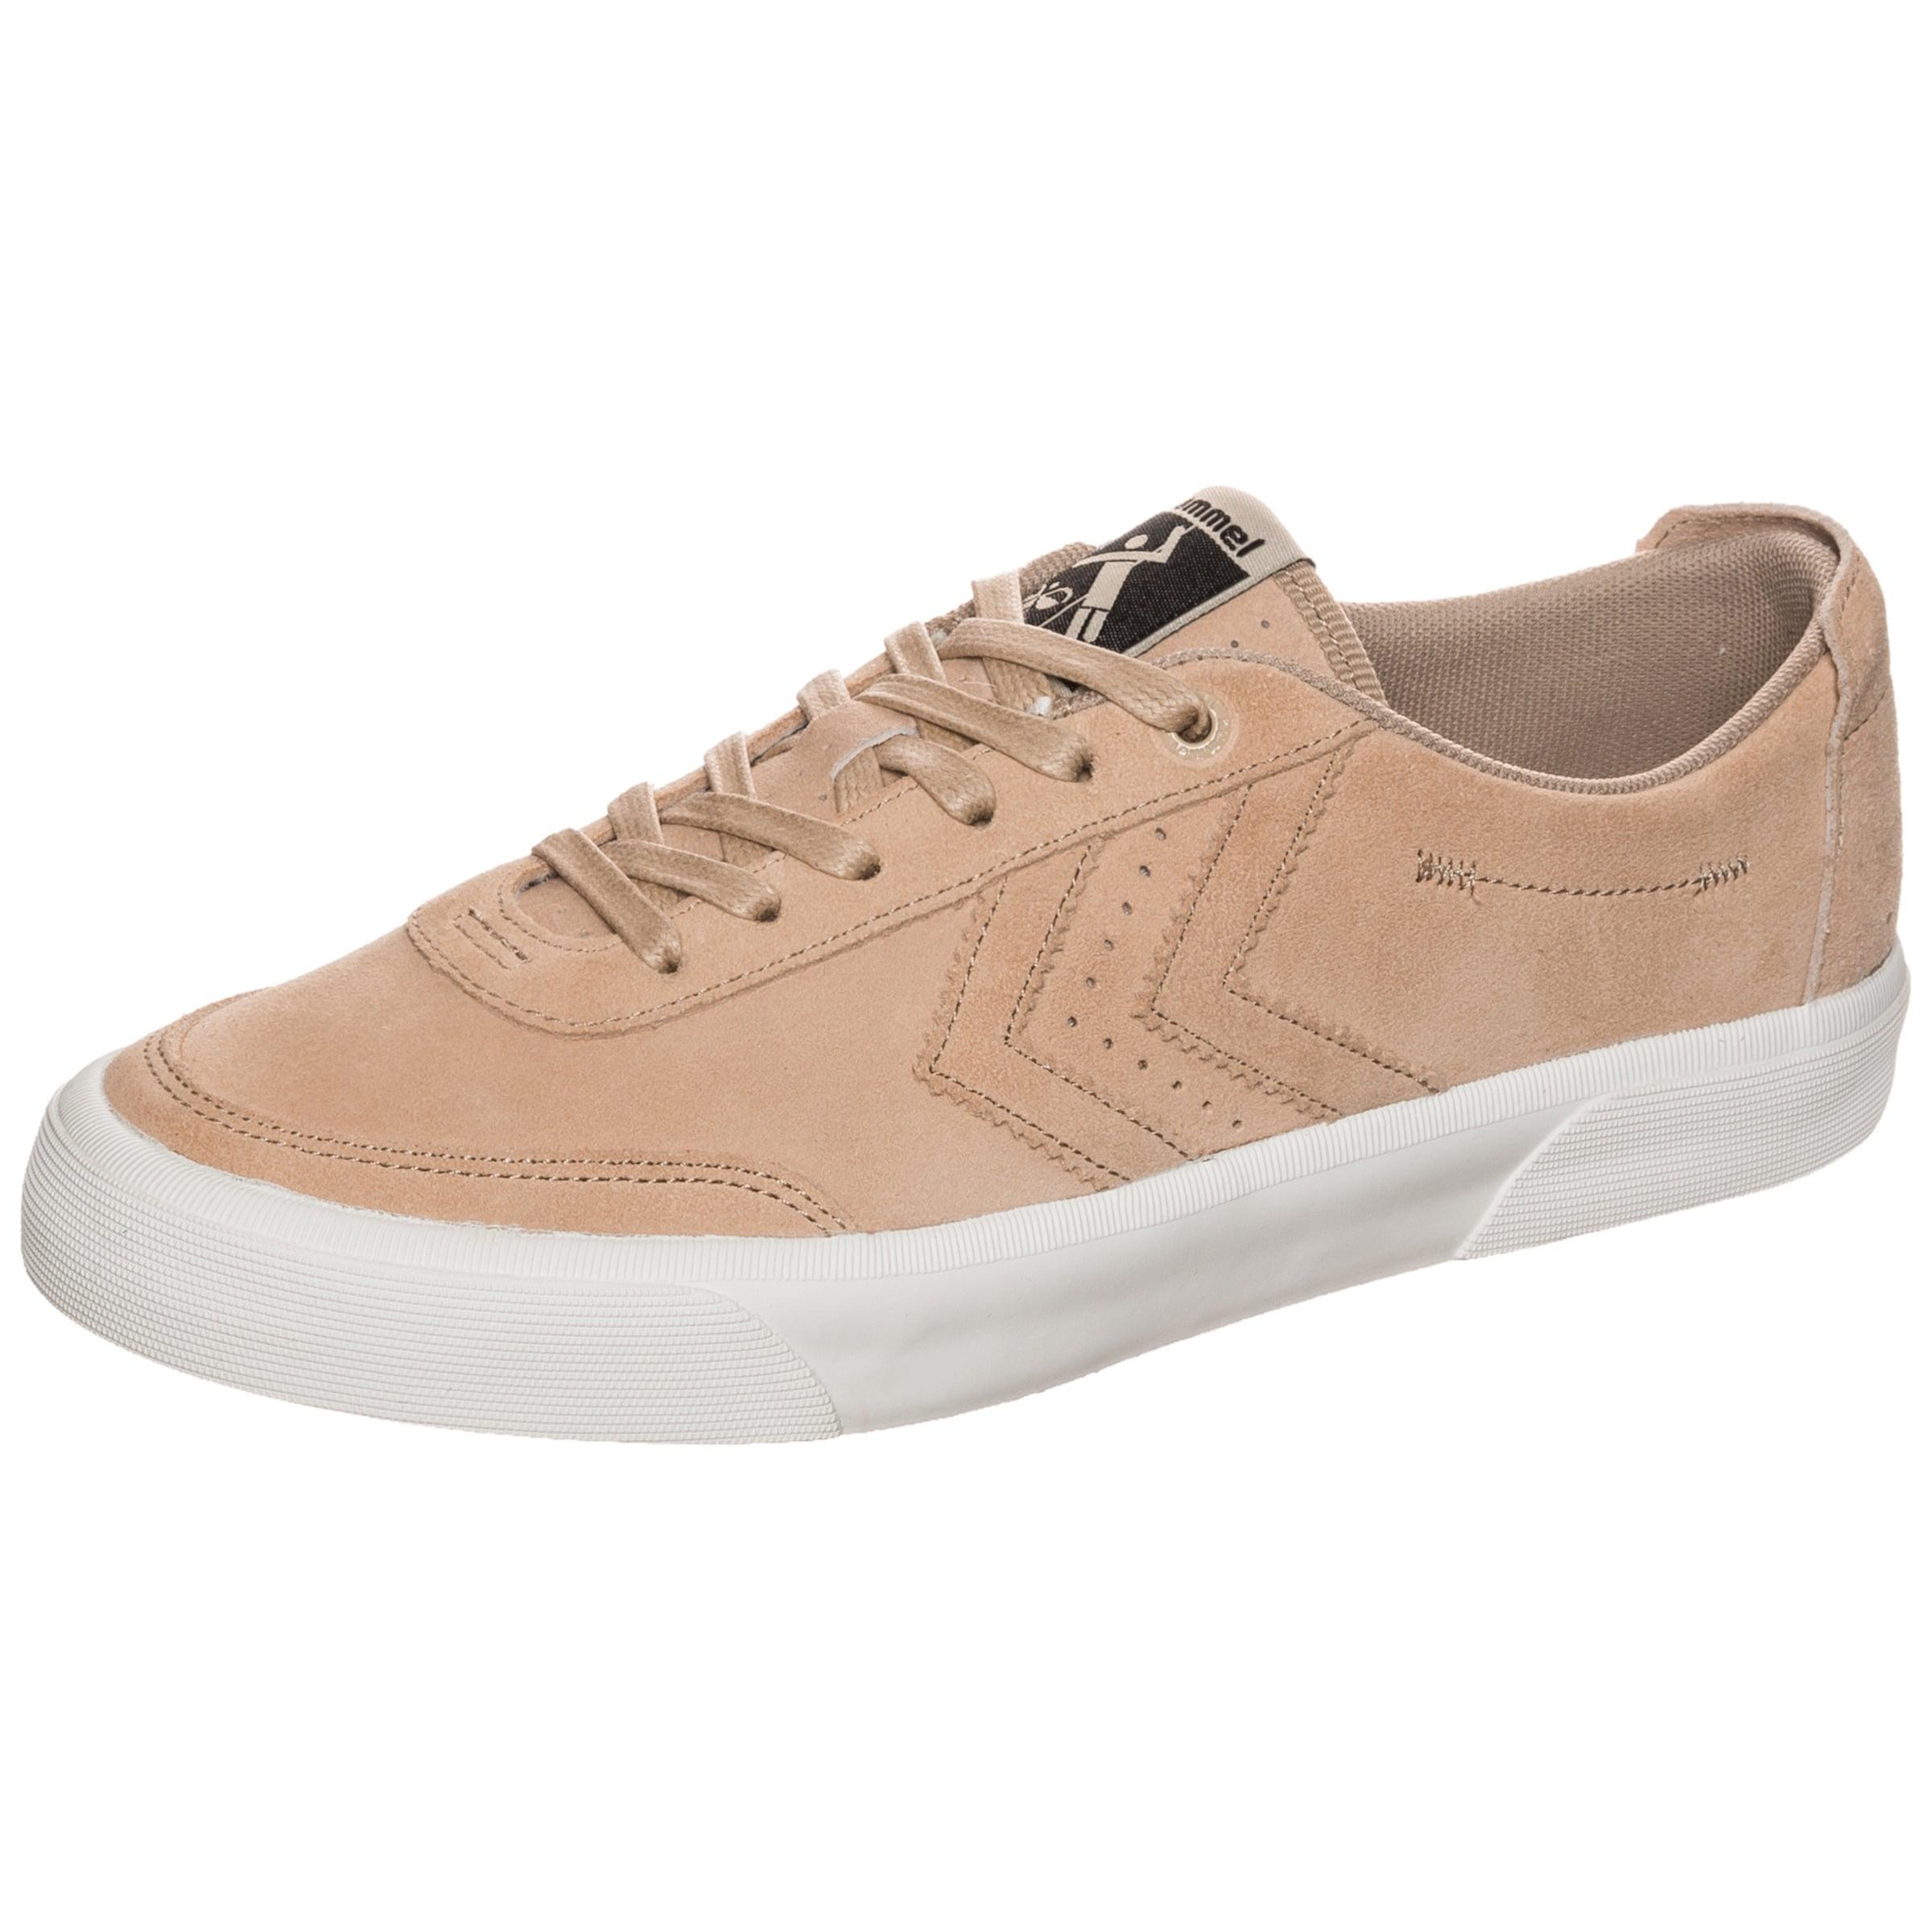 In Low Suede' 'stockholm Beige Hummel Sneaker Ybgyf67